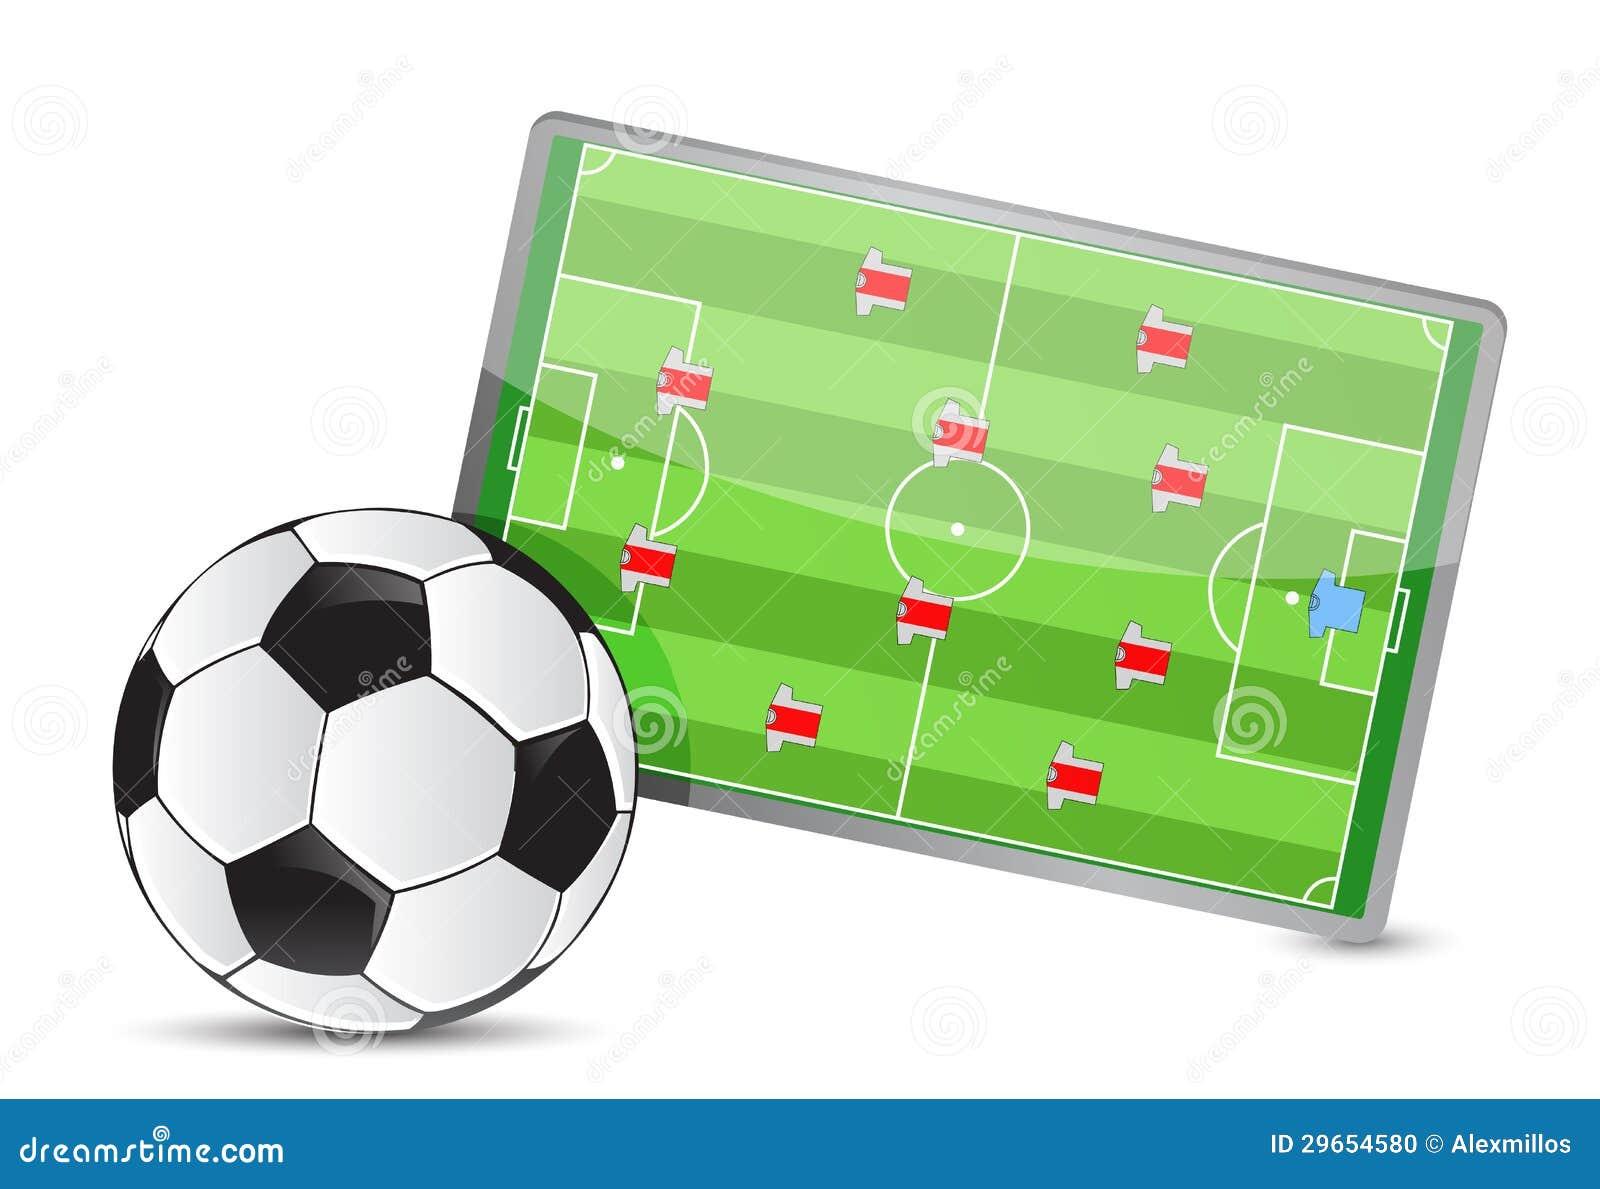 Таблица тактики футбольного поля, футбольные мячи